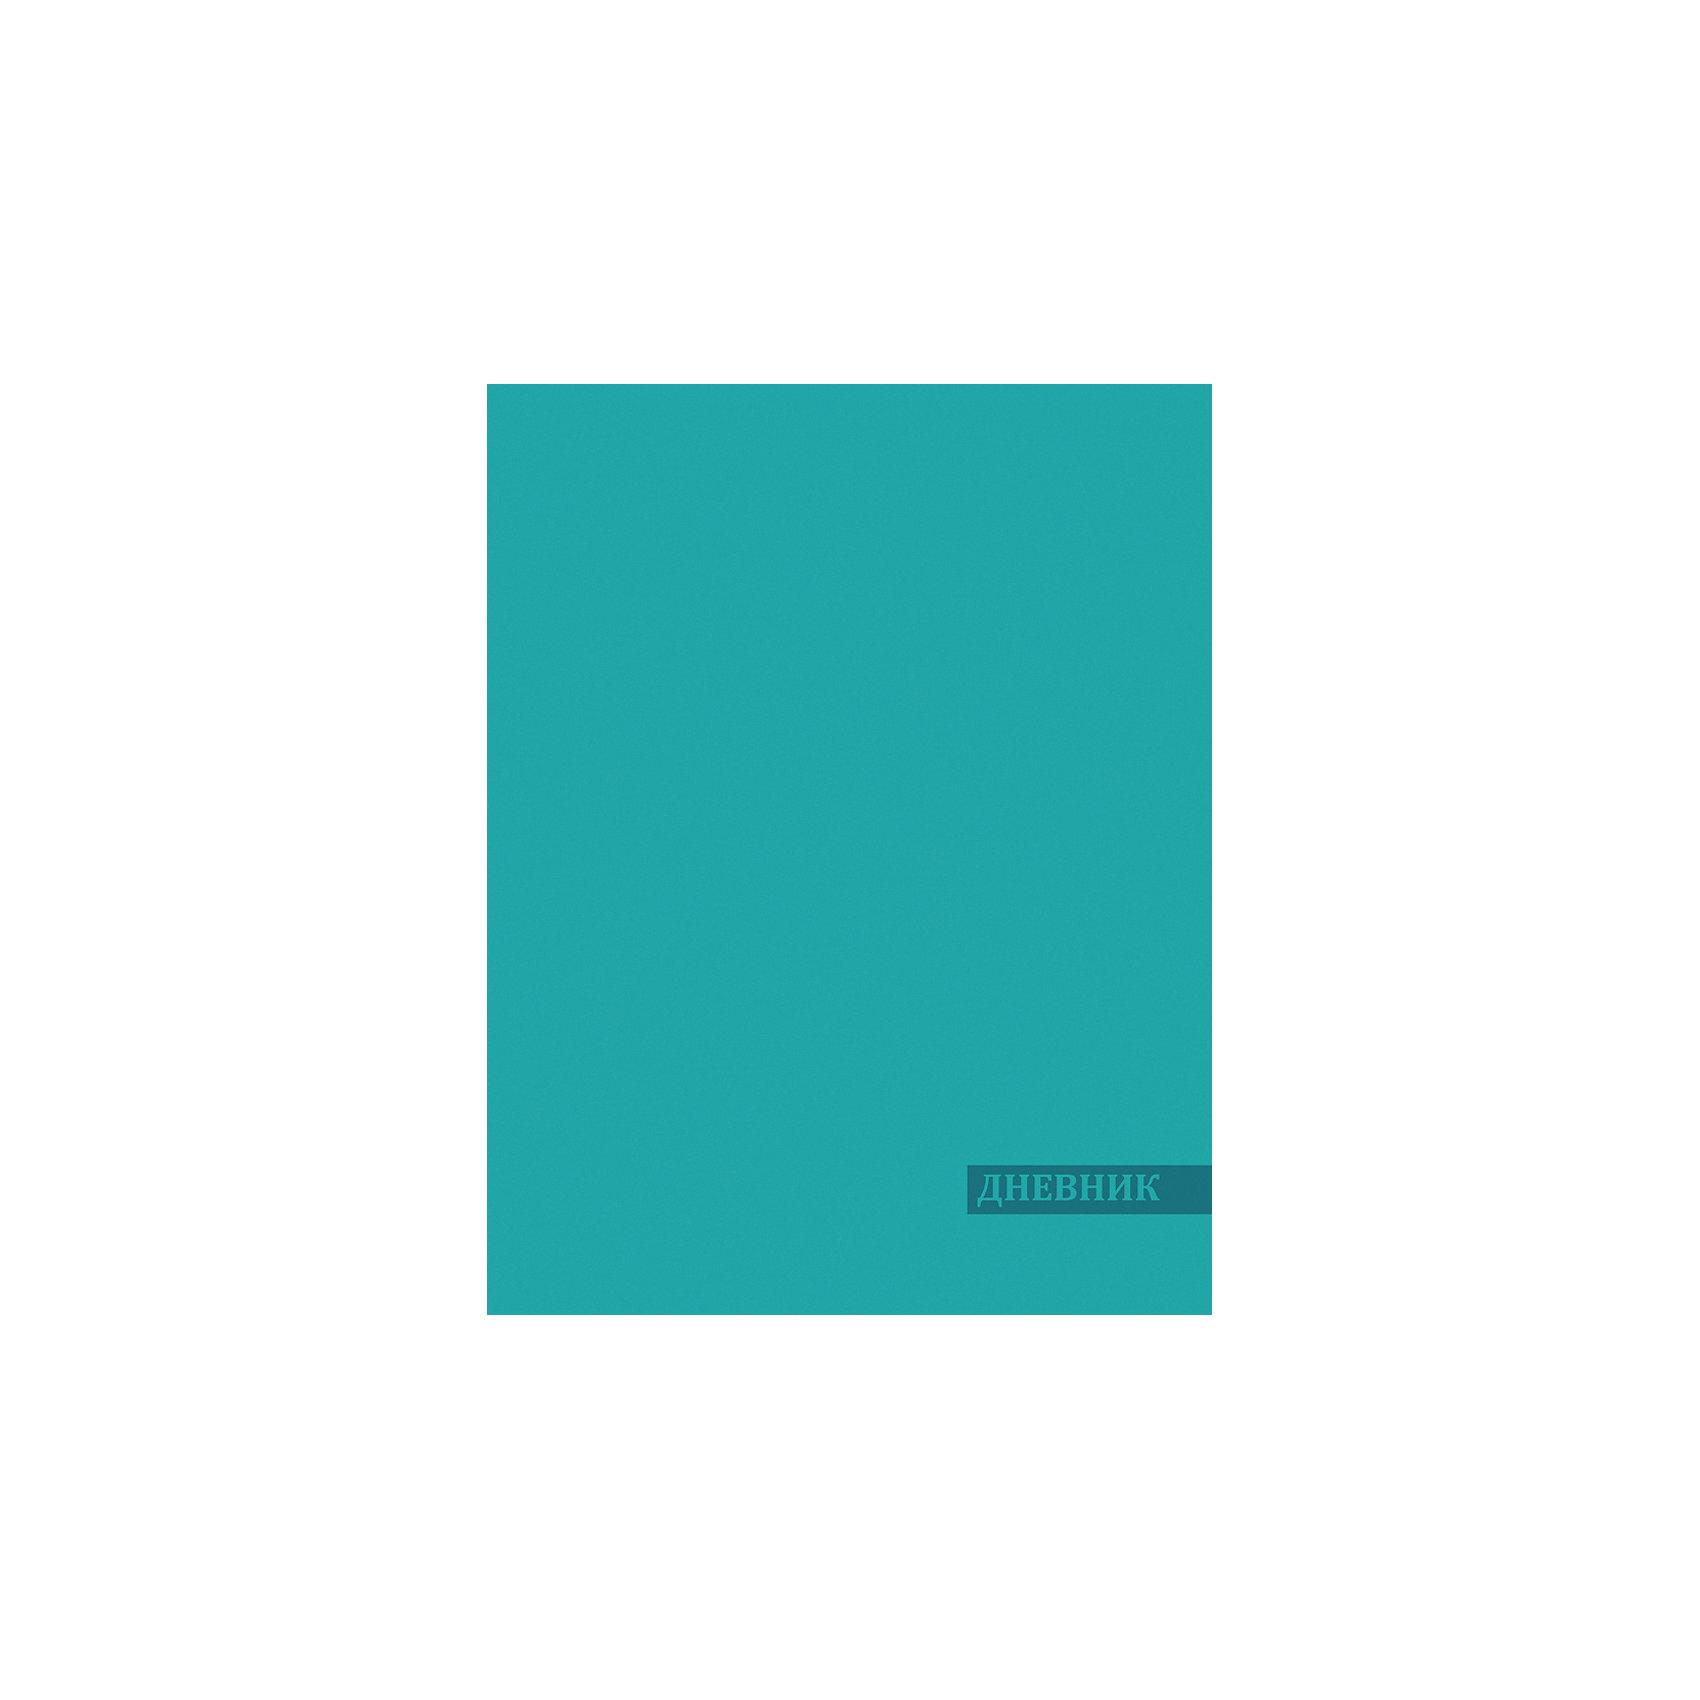 Дневник. Универсальный блок, твердая обложка, итальянские переплетные материалы, тиснение, бирюзовый.Бумажная продукция<br>Характеристики товара:<br><br>• возраст: от 6 лет;<br>• цвет: бирюзовый;<br>• формат: А5;<br>• количество листов: 96;<br>• разметка: в линейку;<br>• бумага: офсетная;<br>• переплет: твердый;<br>• обложка: картон;<br>• размер: 21,5х17х0,5 см.;<br>• вес: 200 гр.;<br>• страна бренда: Россия;<br>• страна изготовитель: Россия.<br><br>Дневник, универсальный блок, твердая обложка «Бирюзовый» - школьный дневник 1-11 классы, имеет сшитый внутренний блок, состоящий из 96 листов белой бумаги (плотность 70г/кв.м.) с линовкой синего цвета и тиснением из фольги. Прочная и приятная на ощупь обложка выполнена с использованием итальянских переплетных материалов.<br><br>В дневнике содержится дневника вся необходимая справочная информация, которая поможет организовать учебный процесс.<br><br>Дневник - это первый ежедневник вашего ребенка. Он поможет ему не забыть свои задания, а вы всегда сможете проконтролировать его успеваемость.<br><br>Дневник, универсальный блок, твердая обложка «Бирюзовый», 96 листов, можно купить в нашем интернет-магазине.<br><br>Ширина мм: 215<br>Глубина мм: 170<br>Высота мм: 5<br>Вес г: 208<br>Возраст от месяцев: 36<br>Возраст до месяцев: 216<br>Пол: Унисекс<br>Возраст: Детский<br>SKU: 6992549